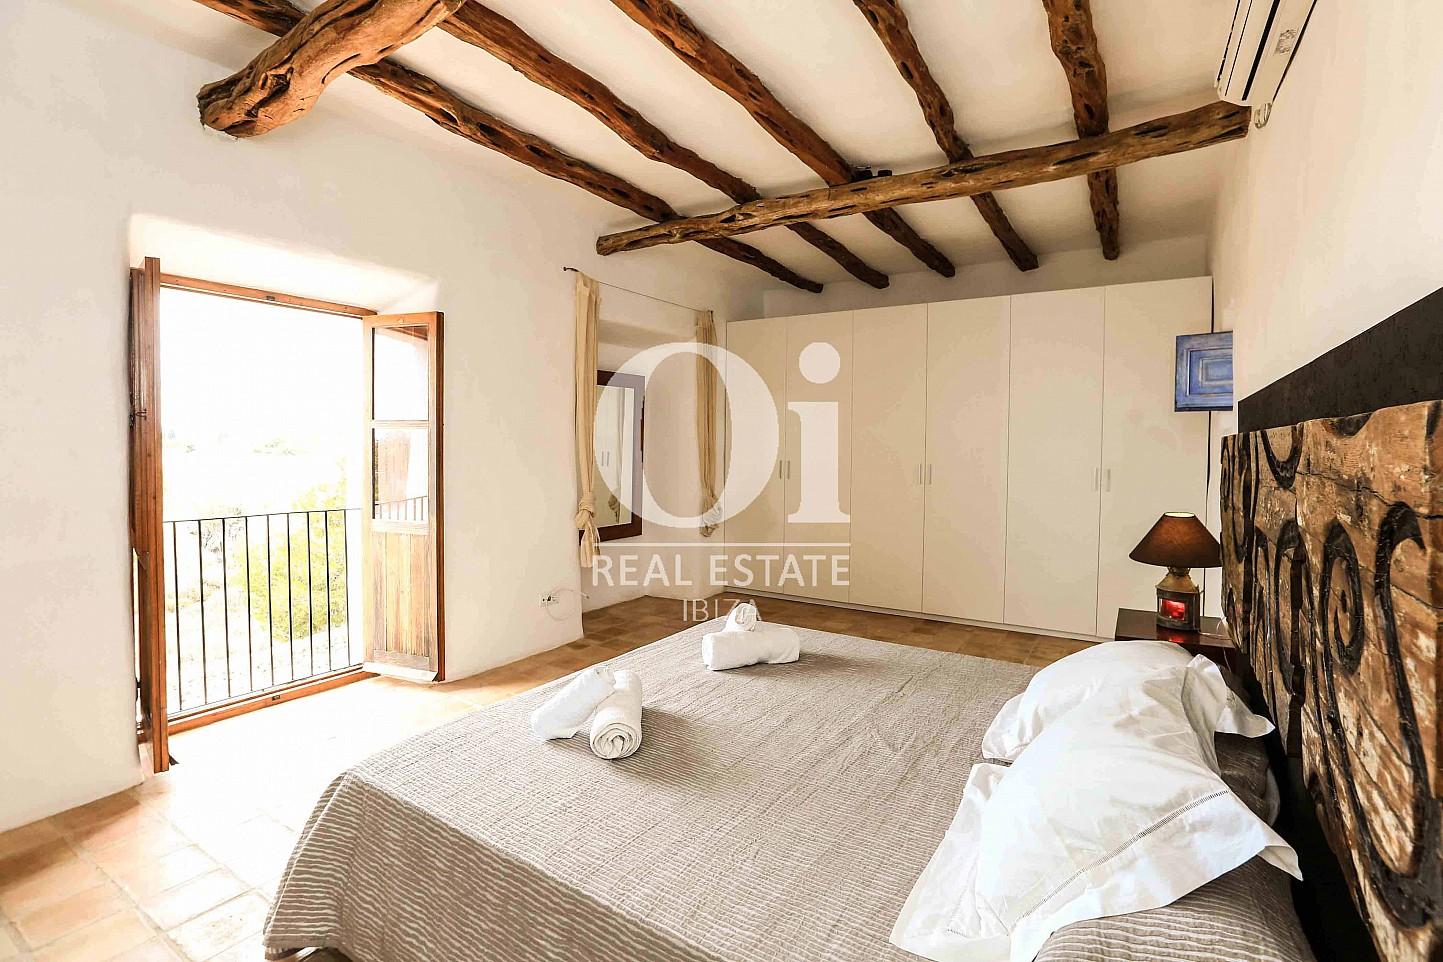 Cuarto con acceso a balcón de casa de alquiler de estancia en Puig d'en Valls, Ibiza